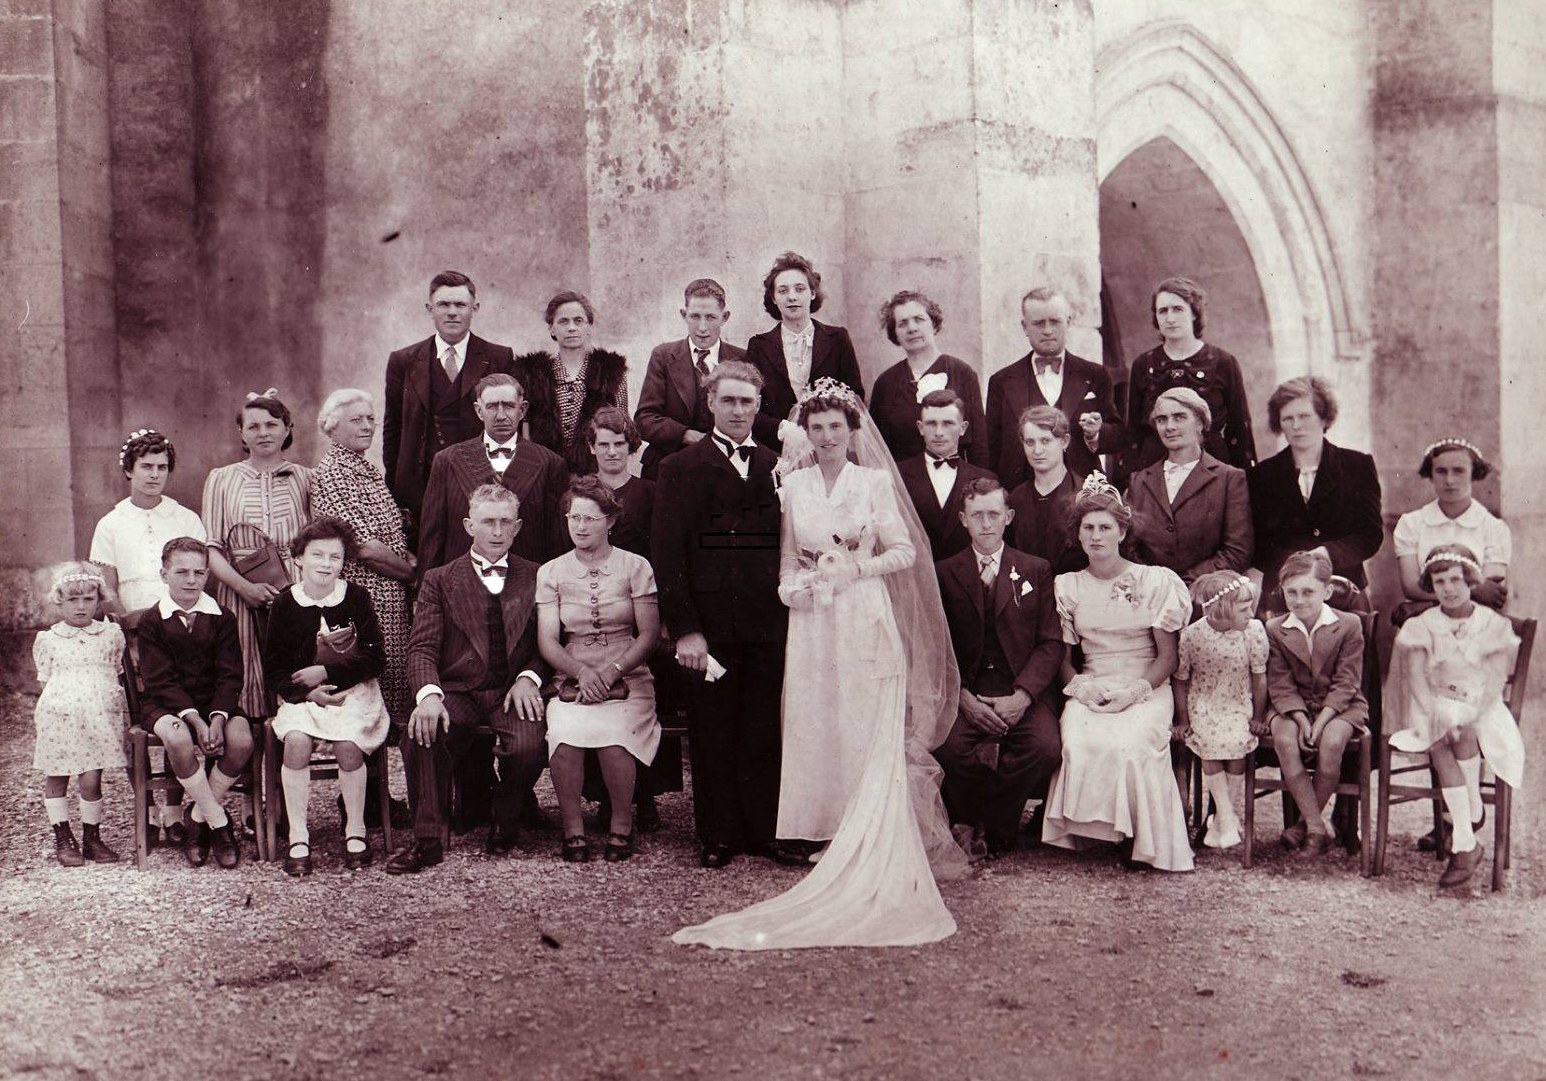 Saint Vincent des Prés - Mariage - FAGOT Georges et FLORIN - 22 août 1942 - Vue 01 (Nathalie Fagot)